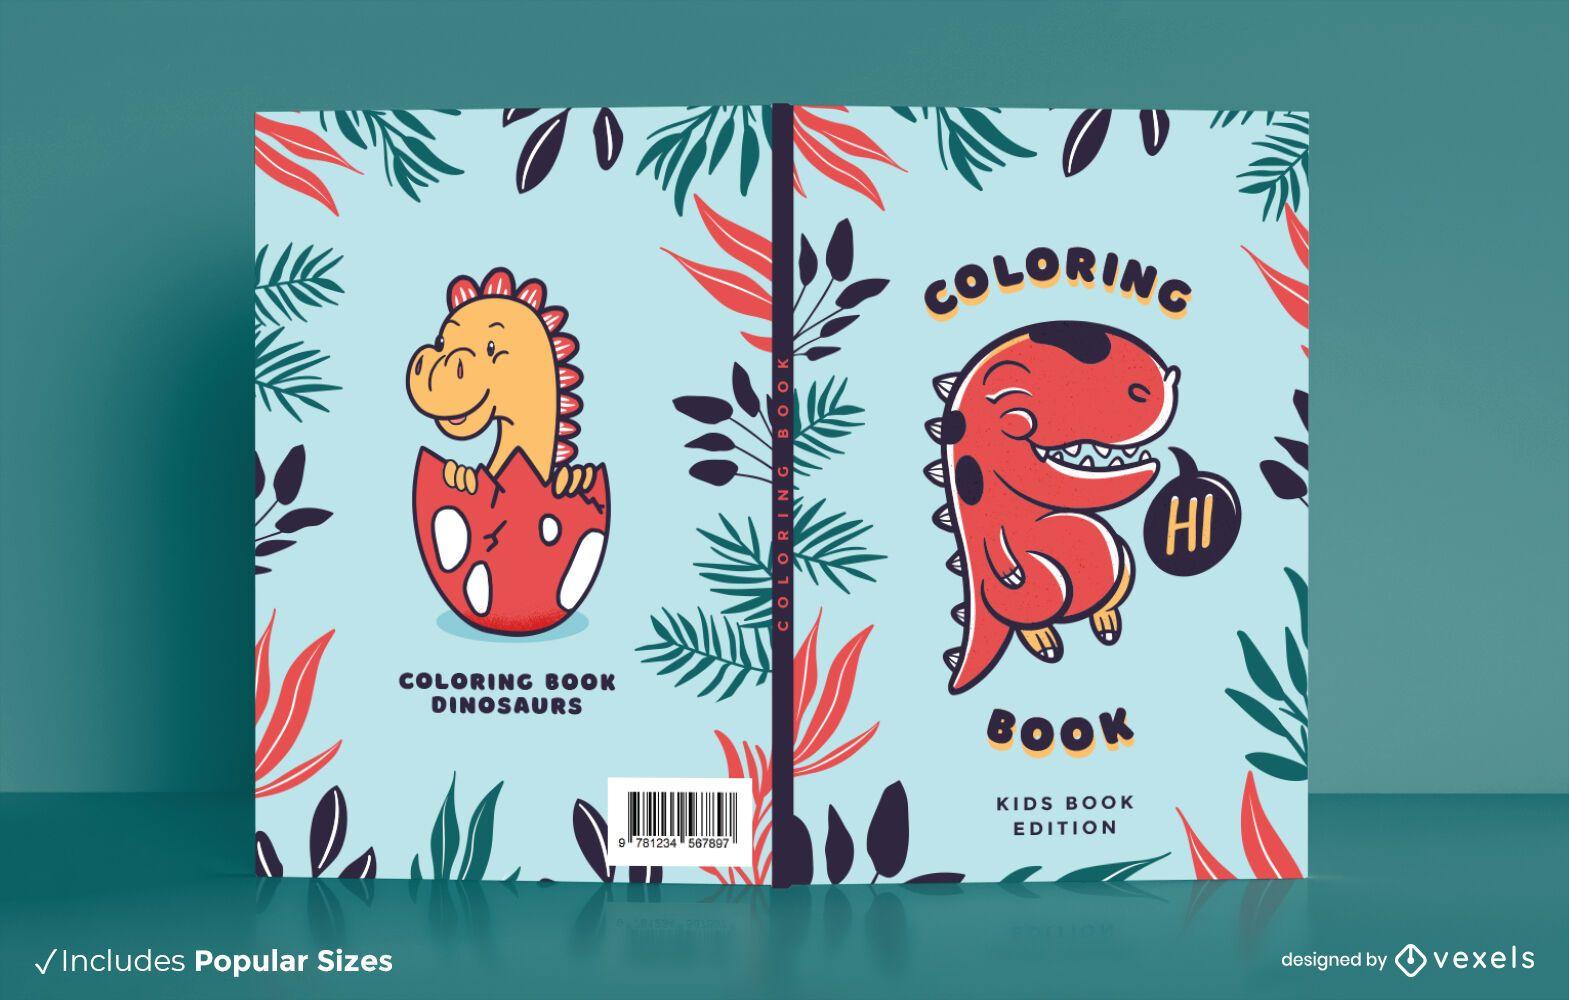 Dise?o de portada de libro para colorear Dino